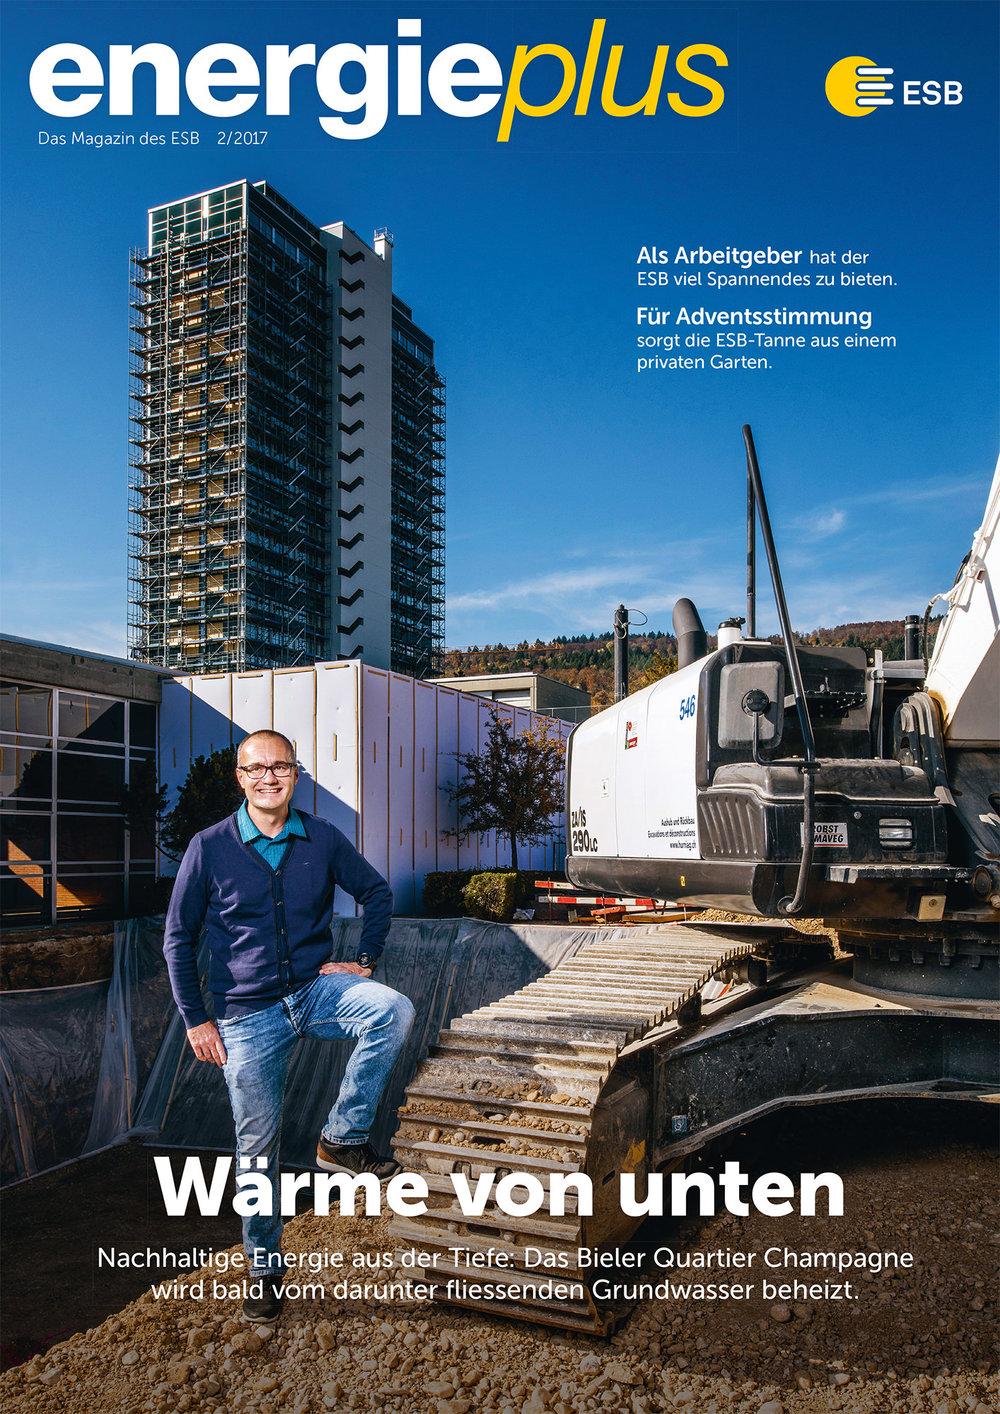 ESB_EnergiePlus_2017-02_DE.indb